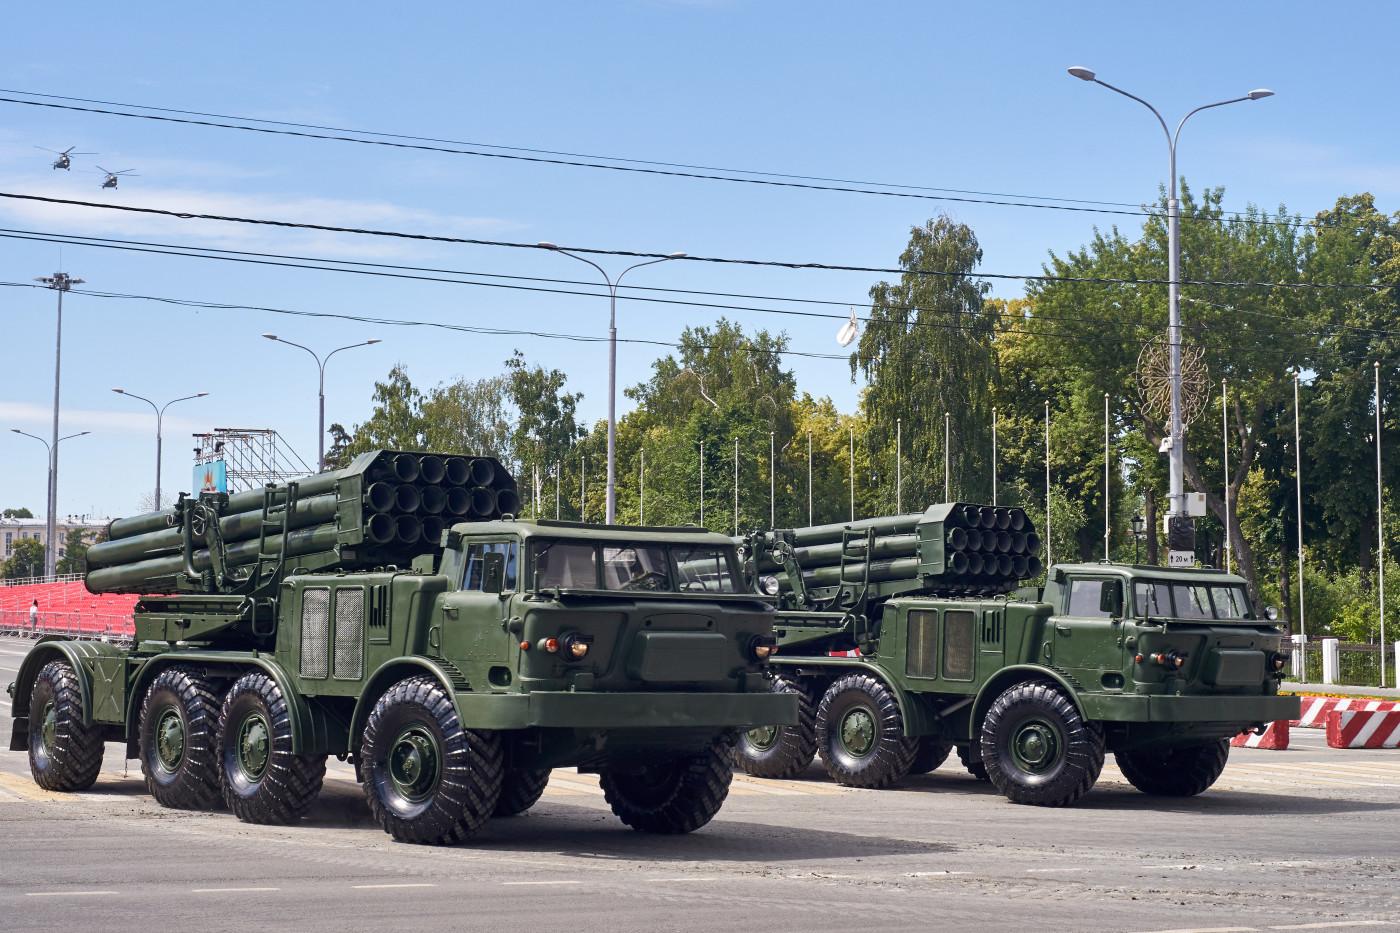 установка залпового огня РСЗО 9К57 «Ураган» парадного расчета. г. Самара, ул. Вилоновская